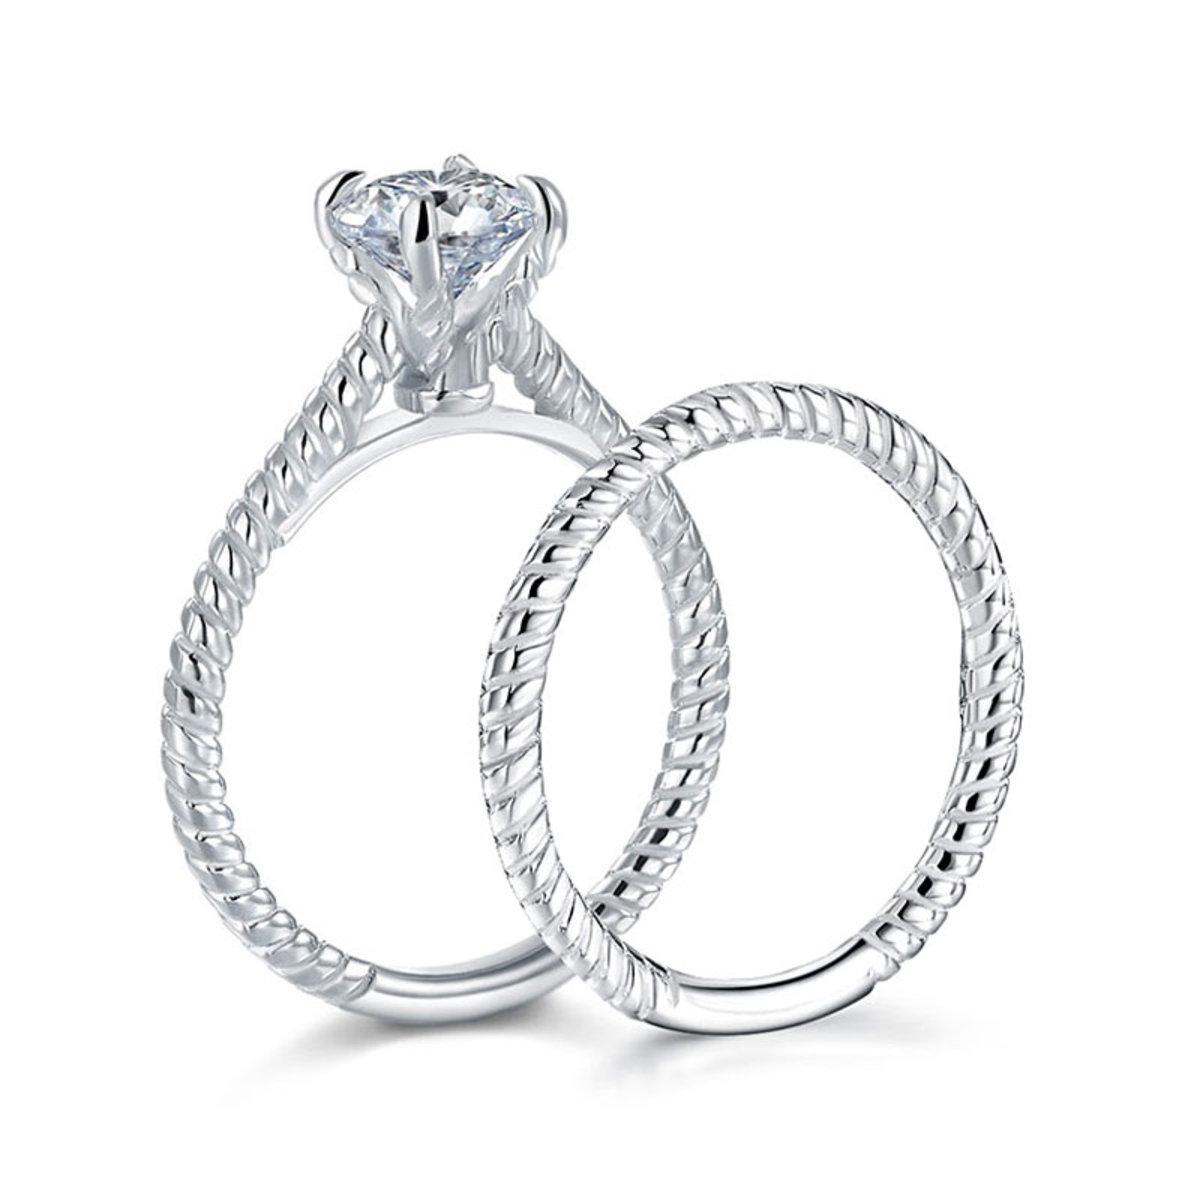 Niomi Jewellery Korean Style 1 Carat Simulated Diamond 925